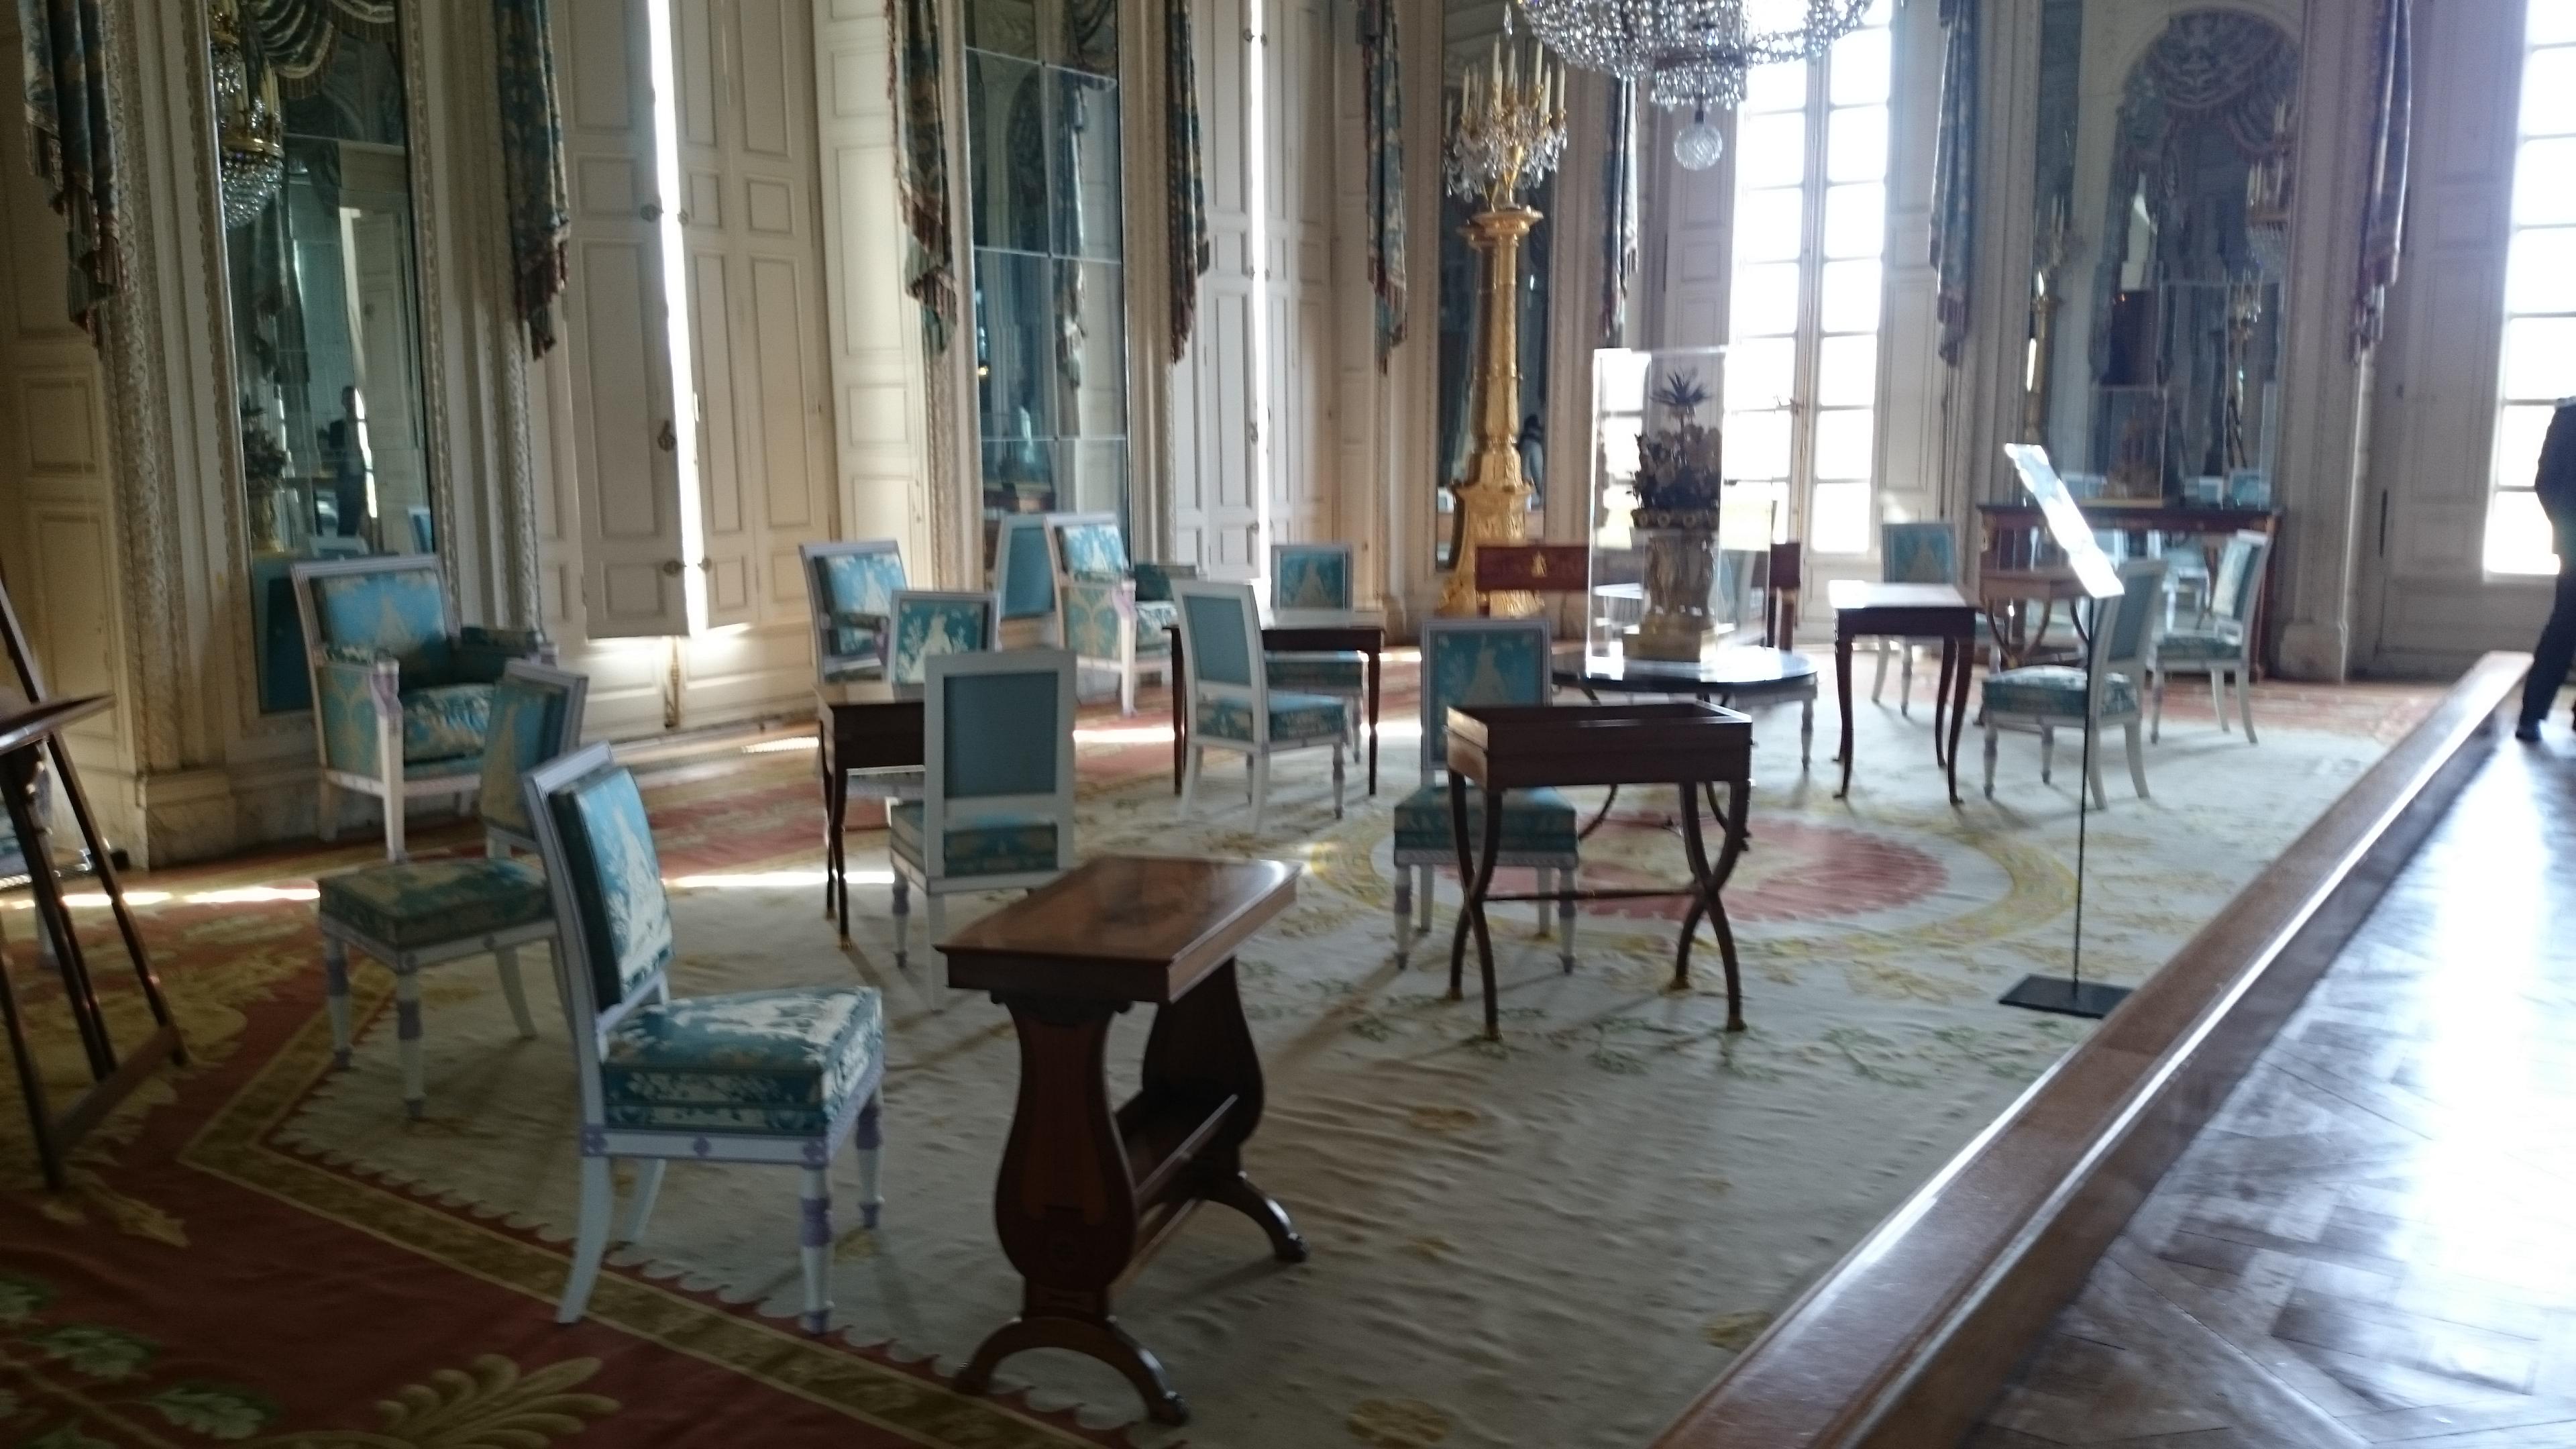 dsc 1198 - Visita al Palacio de Versalles: Como ir, cuanto cuesta y tips II/III